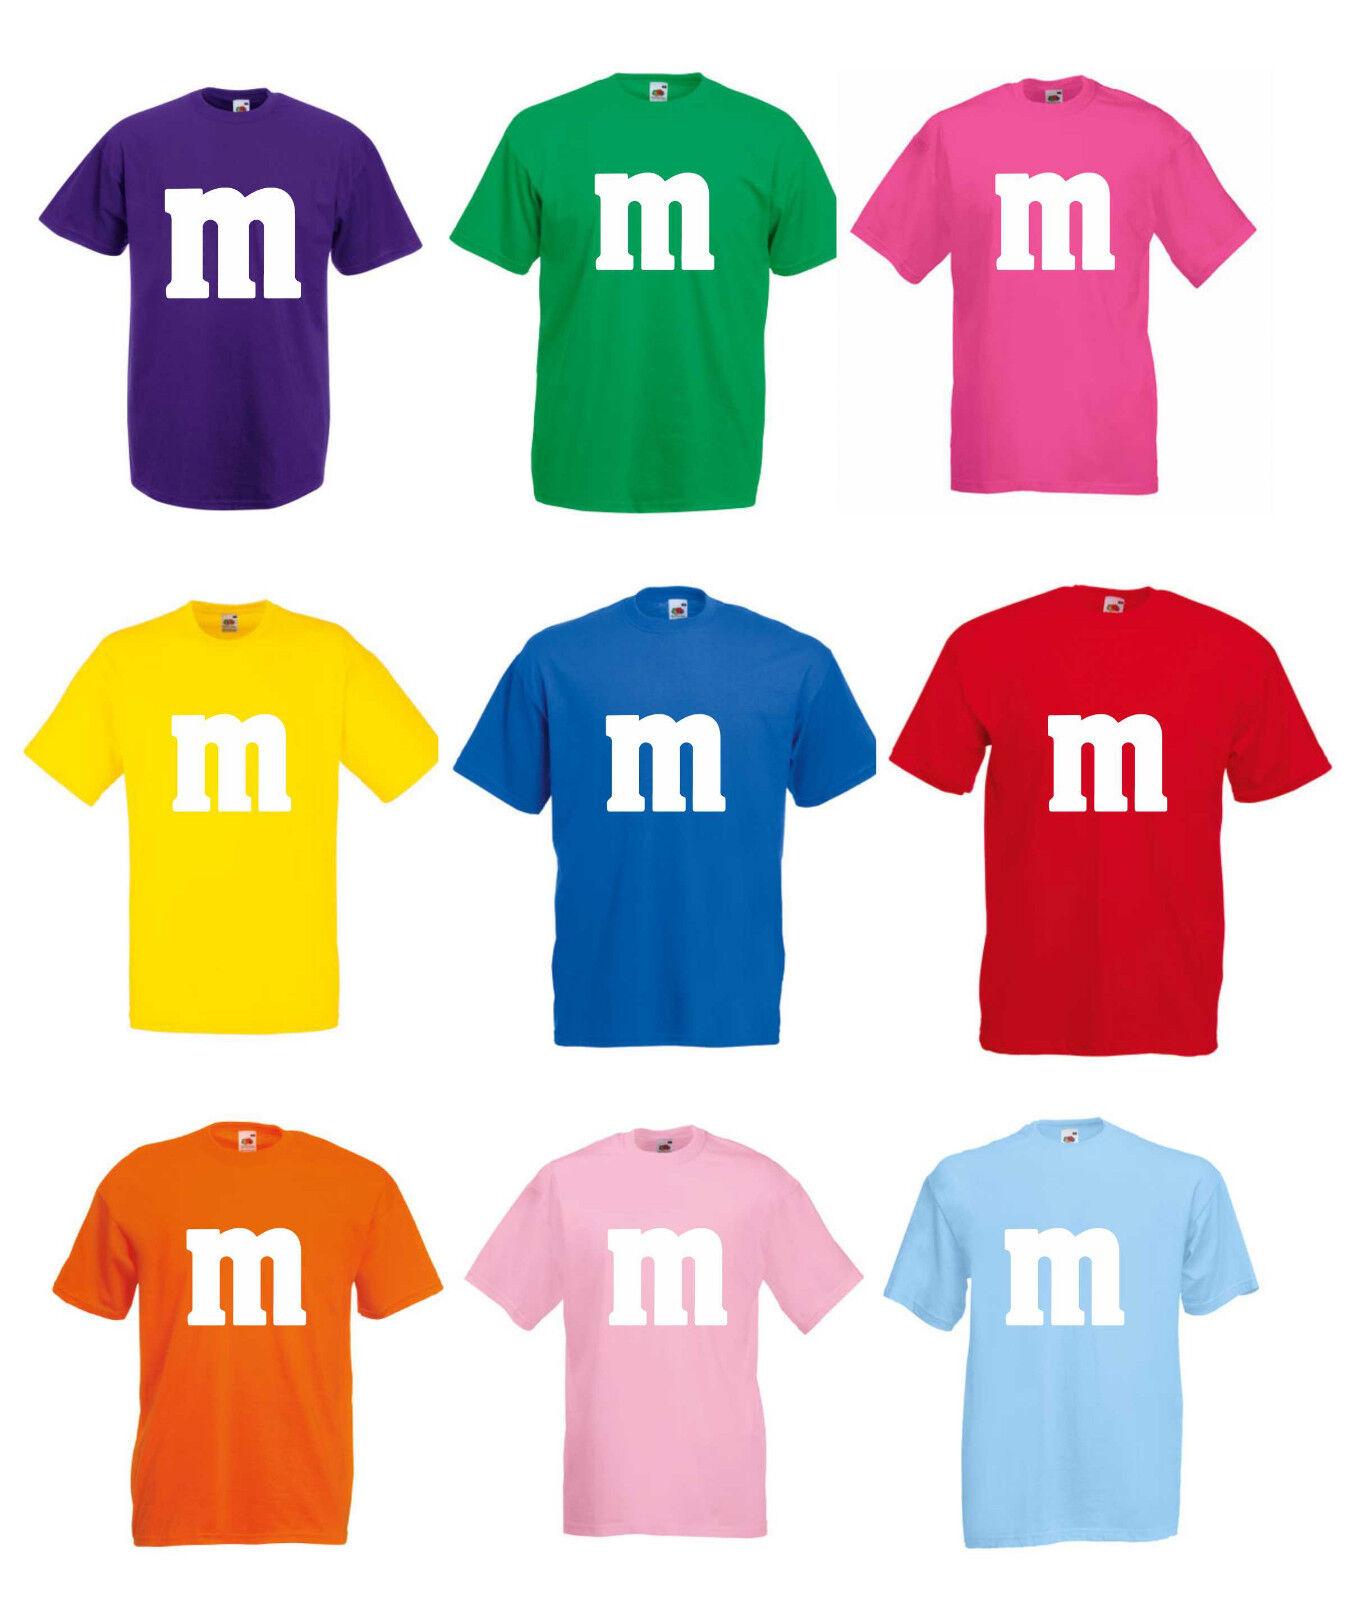 Gruppenkostüm Paarkostüm für M&M Fans Karneval Fasching Damen Herren